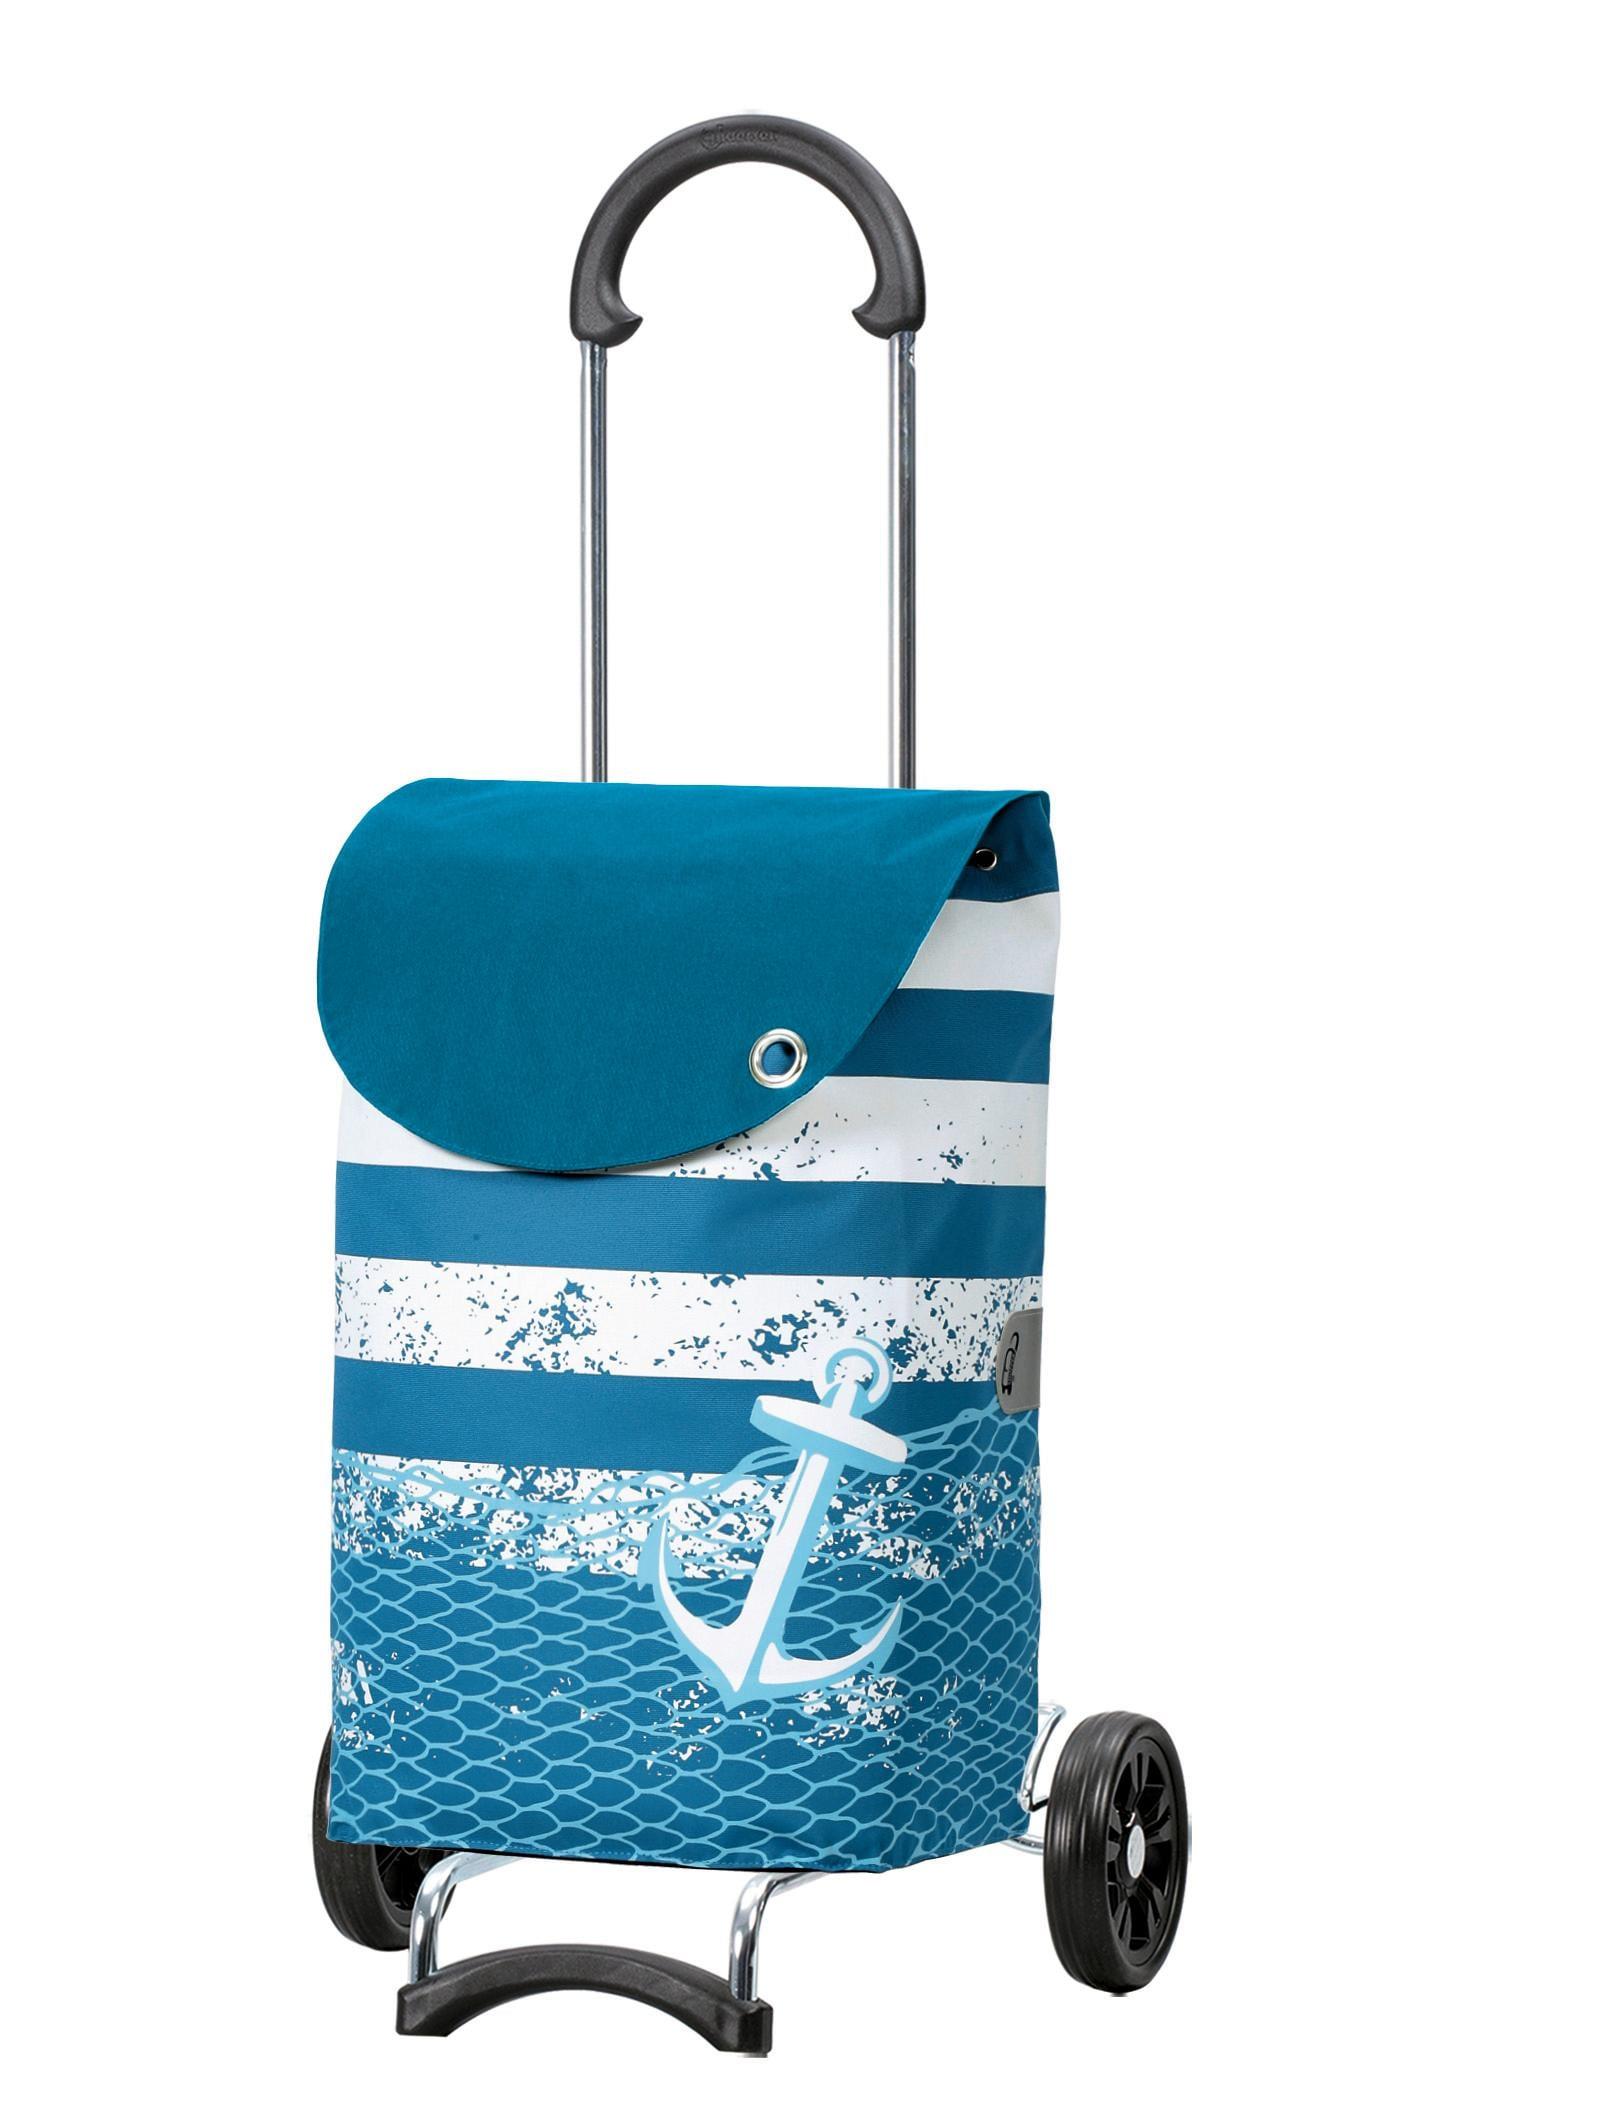 Andersen Einkaufstrolley Scala Shopper Meer, MADE IN GERMANY, 39 Liter | Taschen > Handtaschen > Einkaufstasche | Andersen